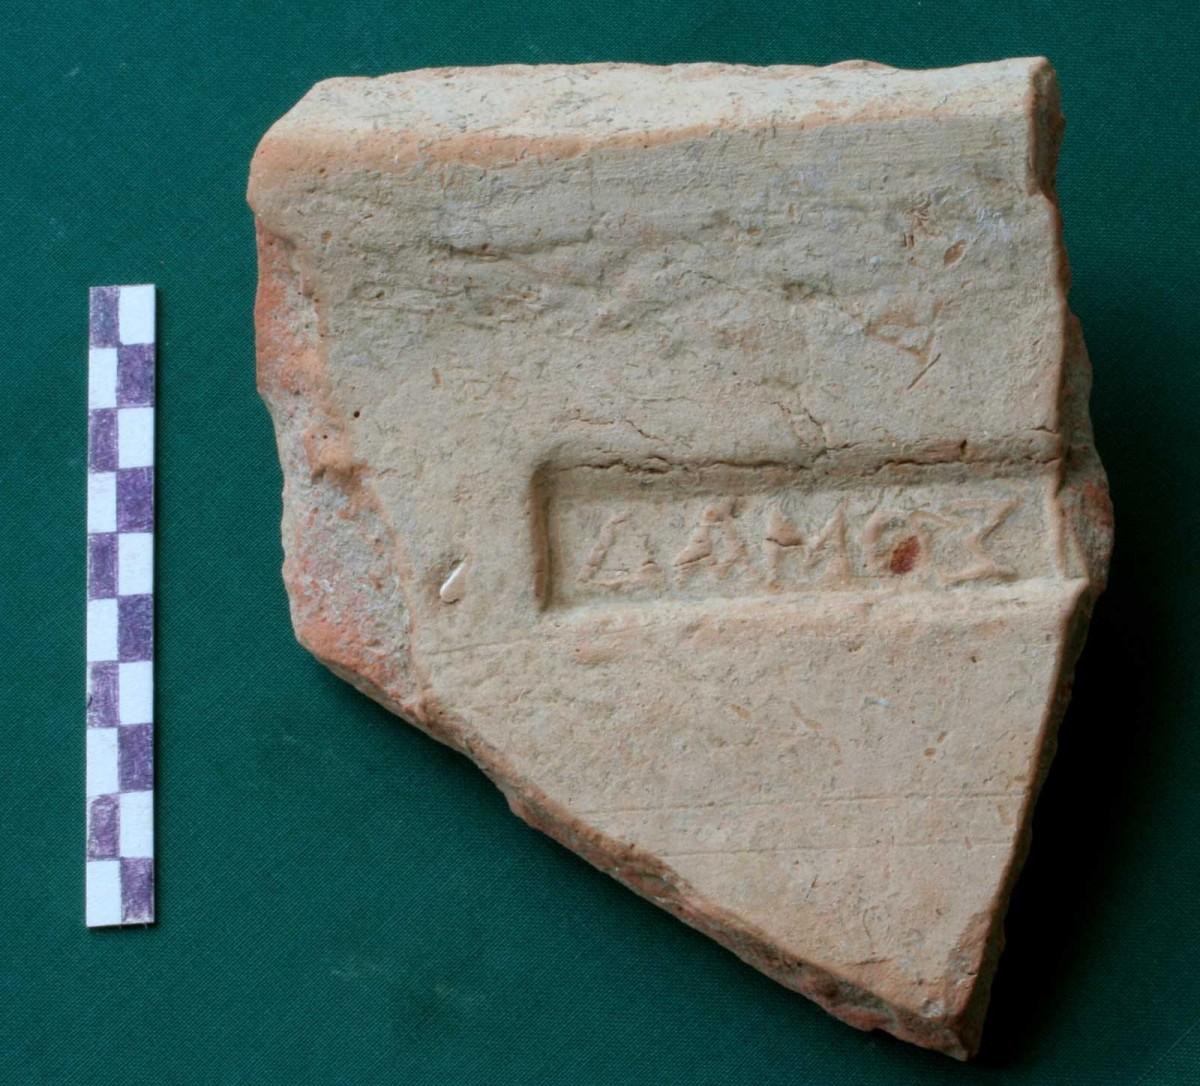 Εικ. 13. Ενσφράγιστη κεραμίδα με την επιγραφή: ΔΑΜΟΣΙΟΙ.